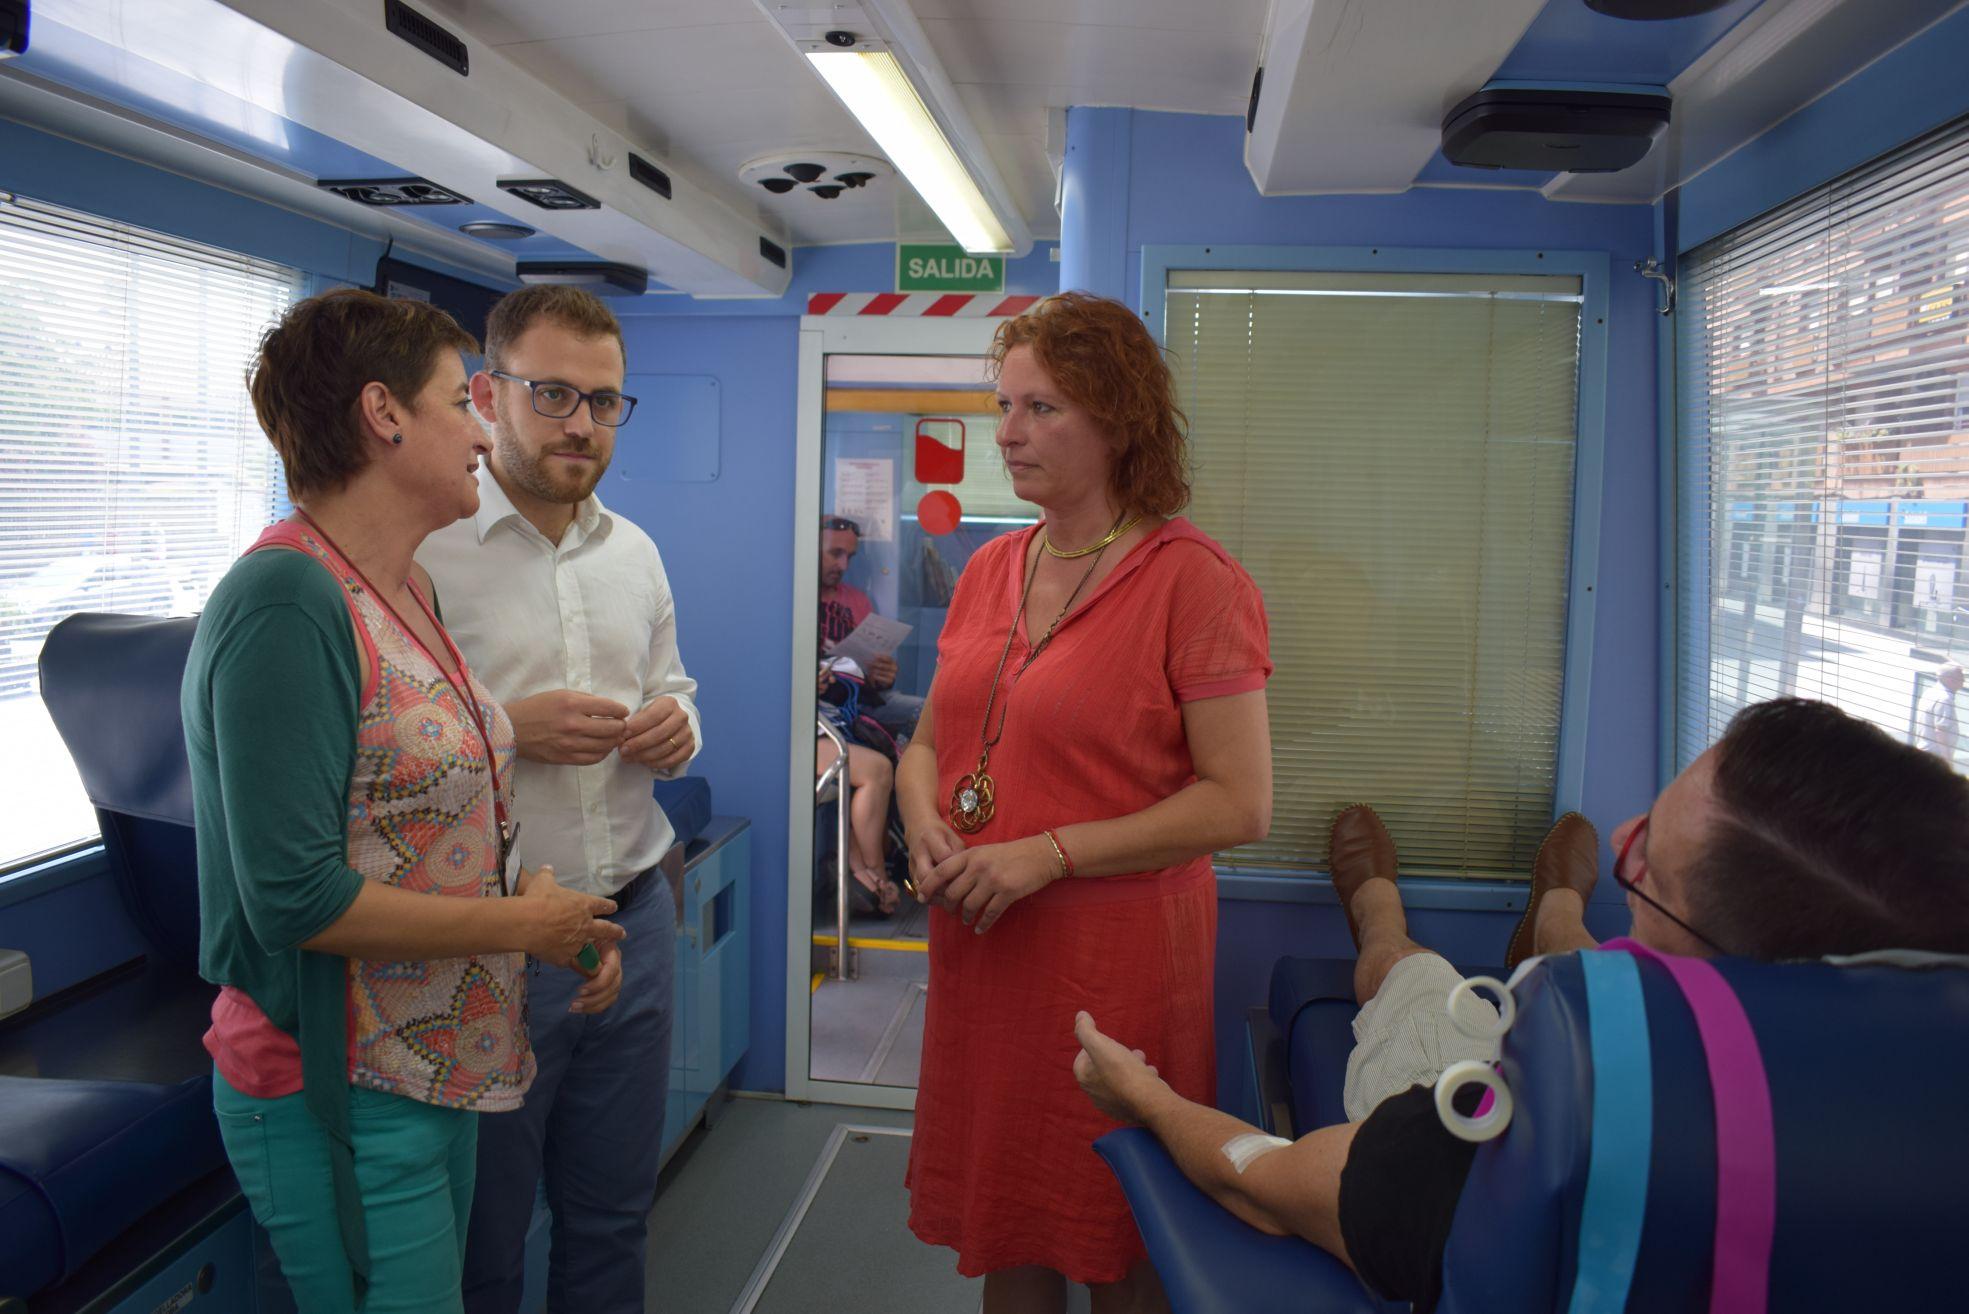 L'alcalde Carlos Cordón i la regidora Carme Arché, conversen amb Gal·la Cortel, del Banc de sang